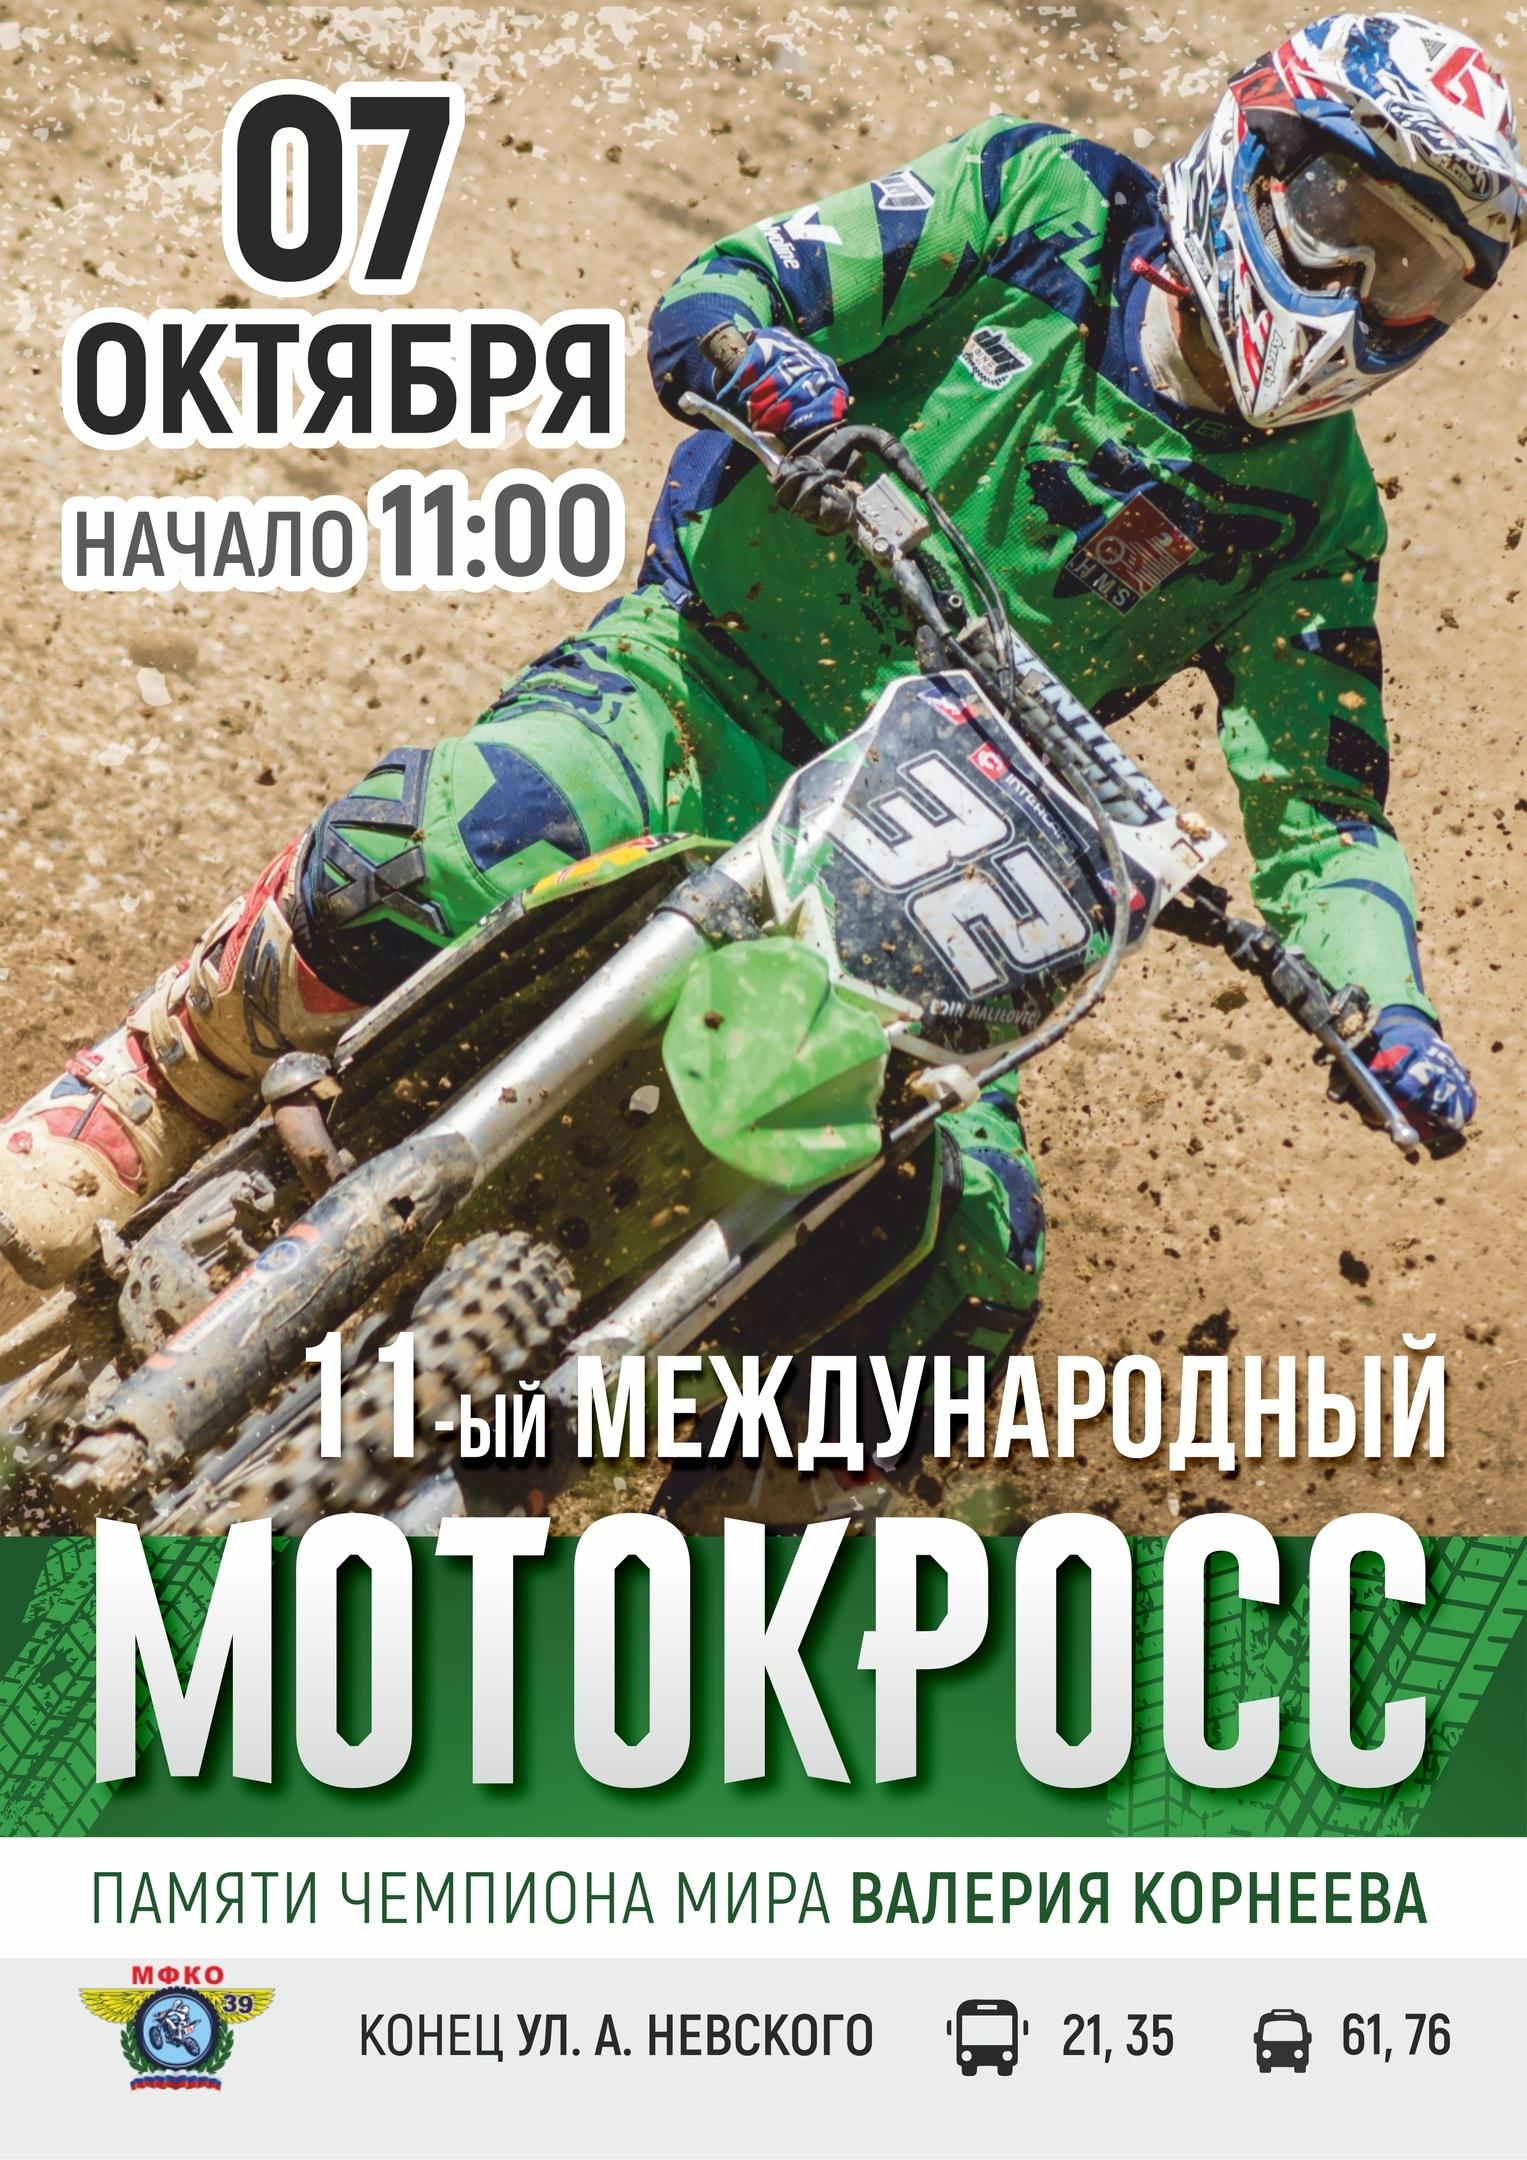 07 октября мотокросс на Северной горе, г.Калининград